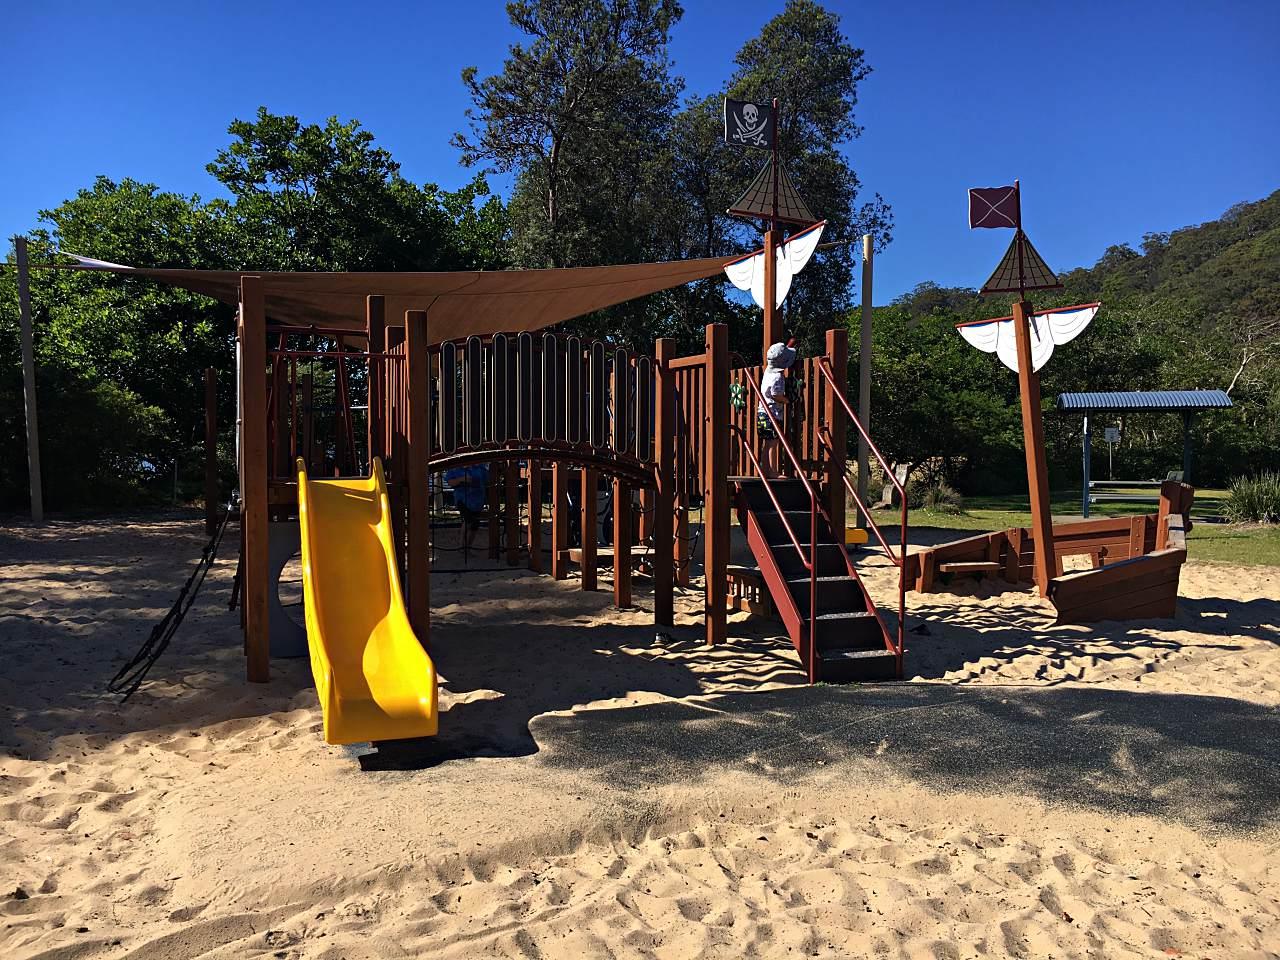 Patonga Playground at the Camping Ground